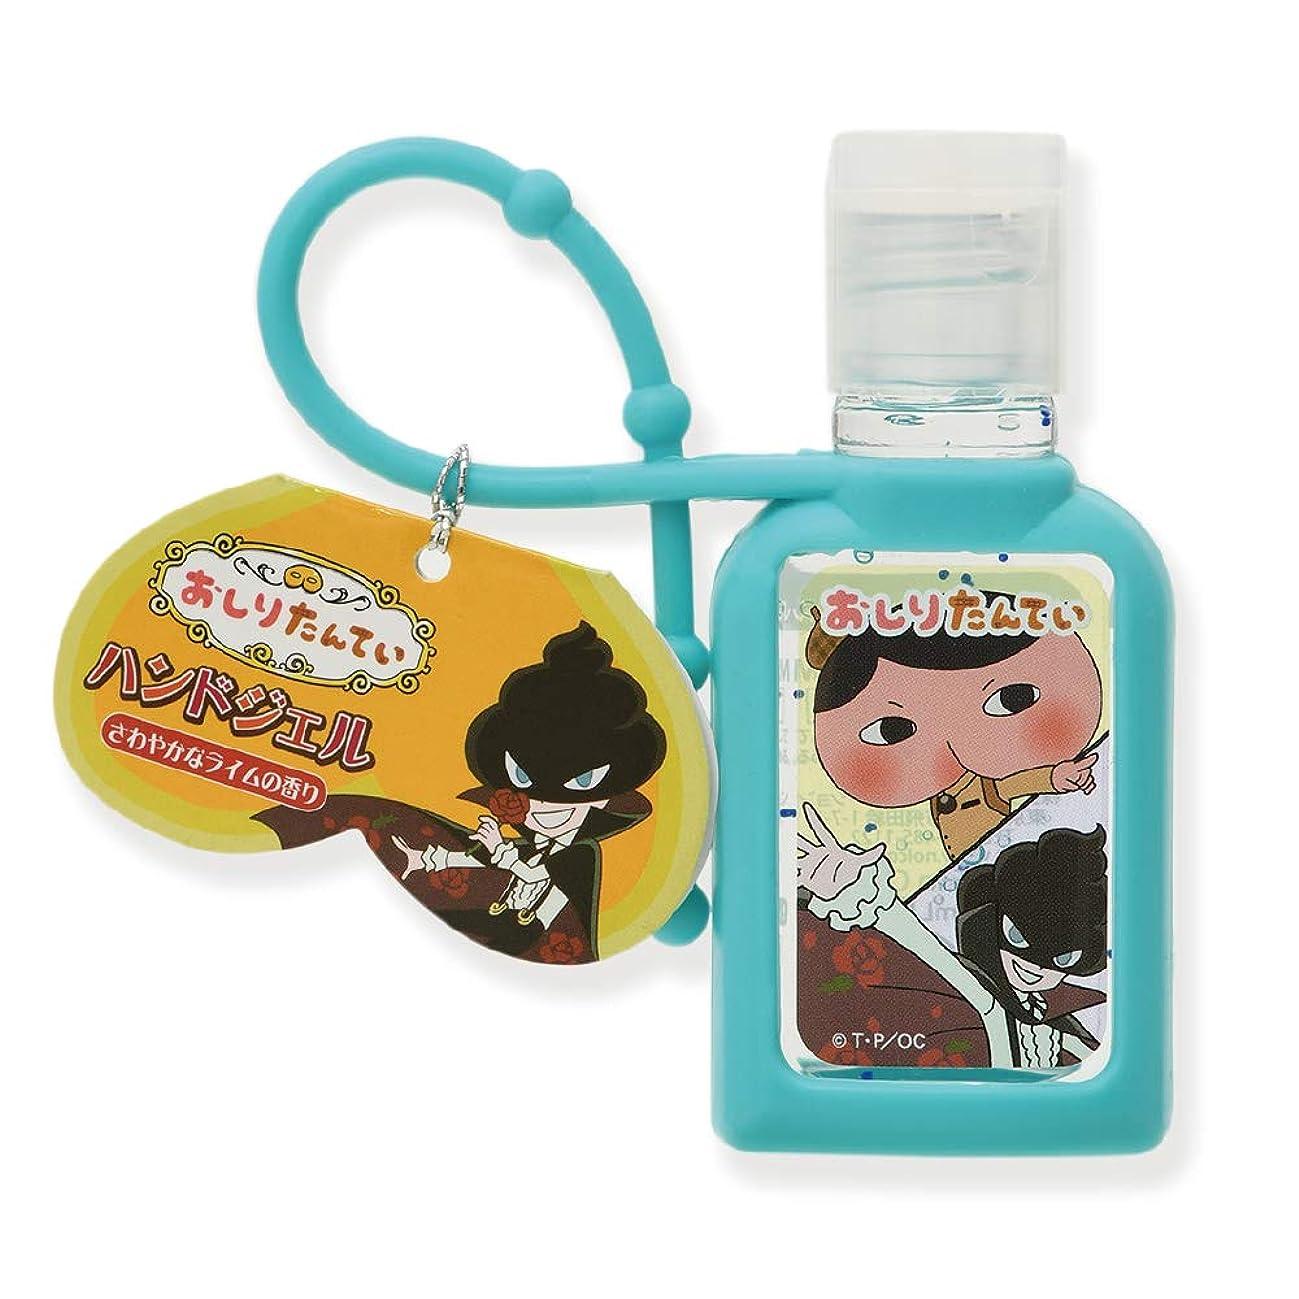 汚れる議論する病弱おしりたんてい ハンドジェル 携帯用 ライムの香り 30ml OSR-3-3